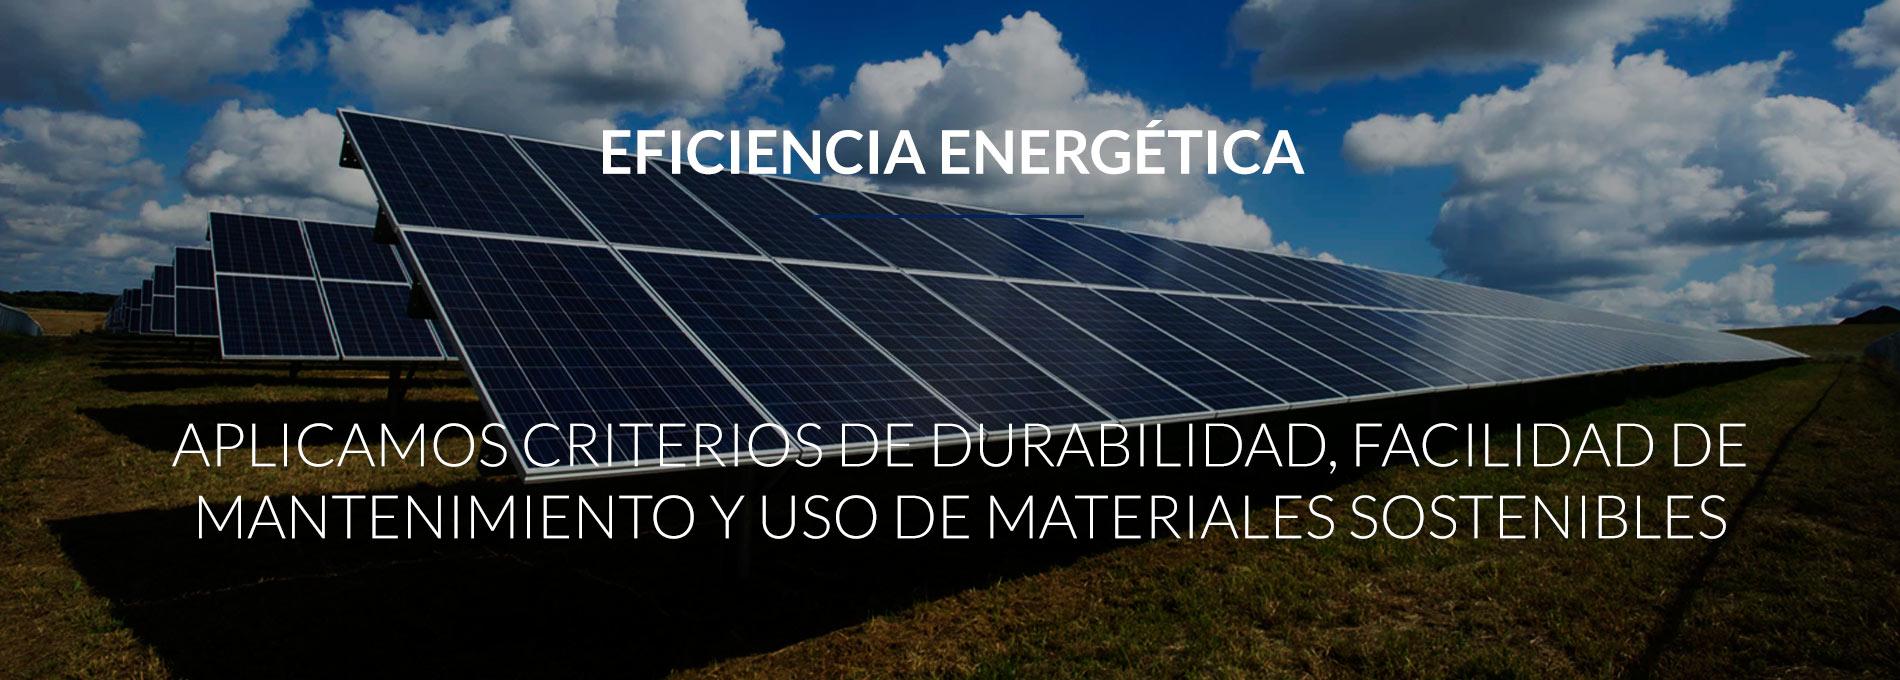 eficiencia energetica sostenibilidad